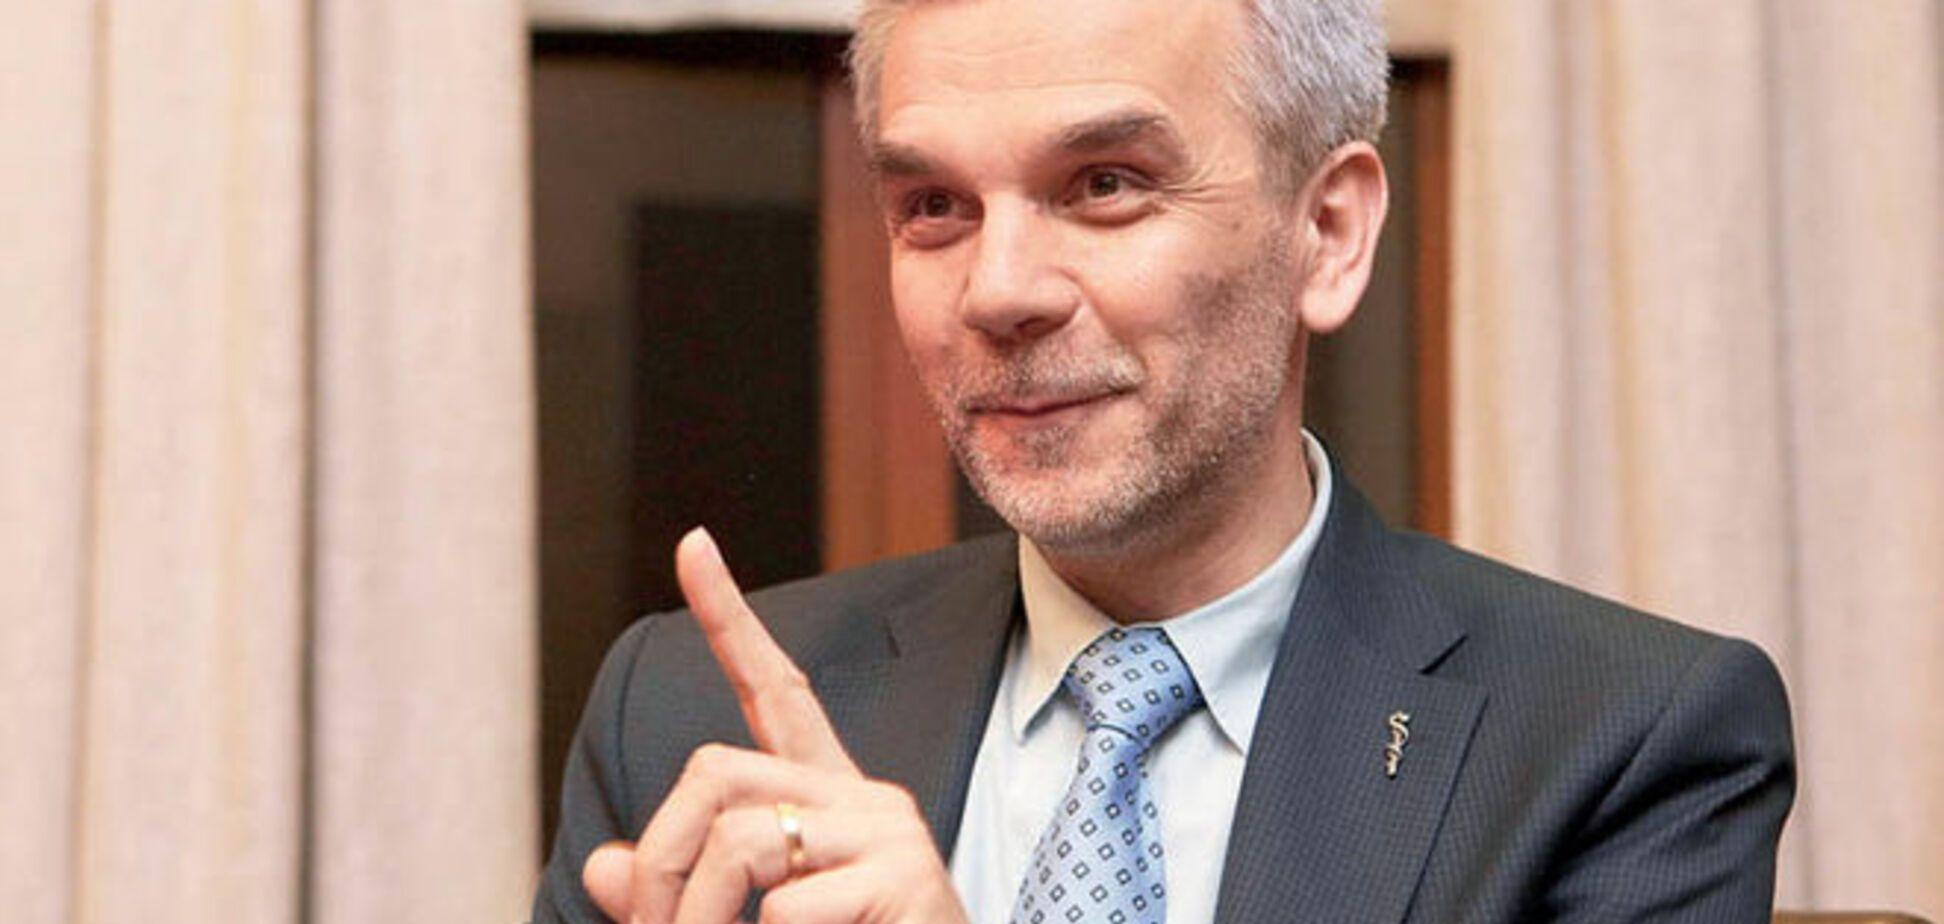 Мусій про Яценюка в Раді: прем'єр сидів тут і 'ковирявся в носі'